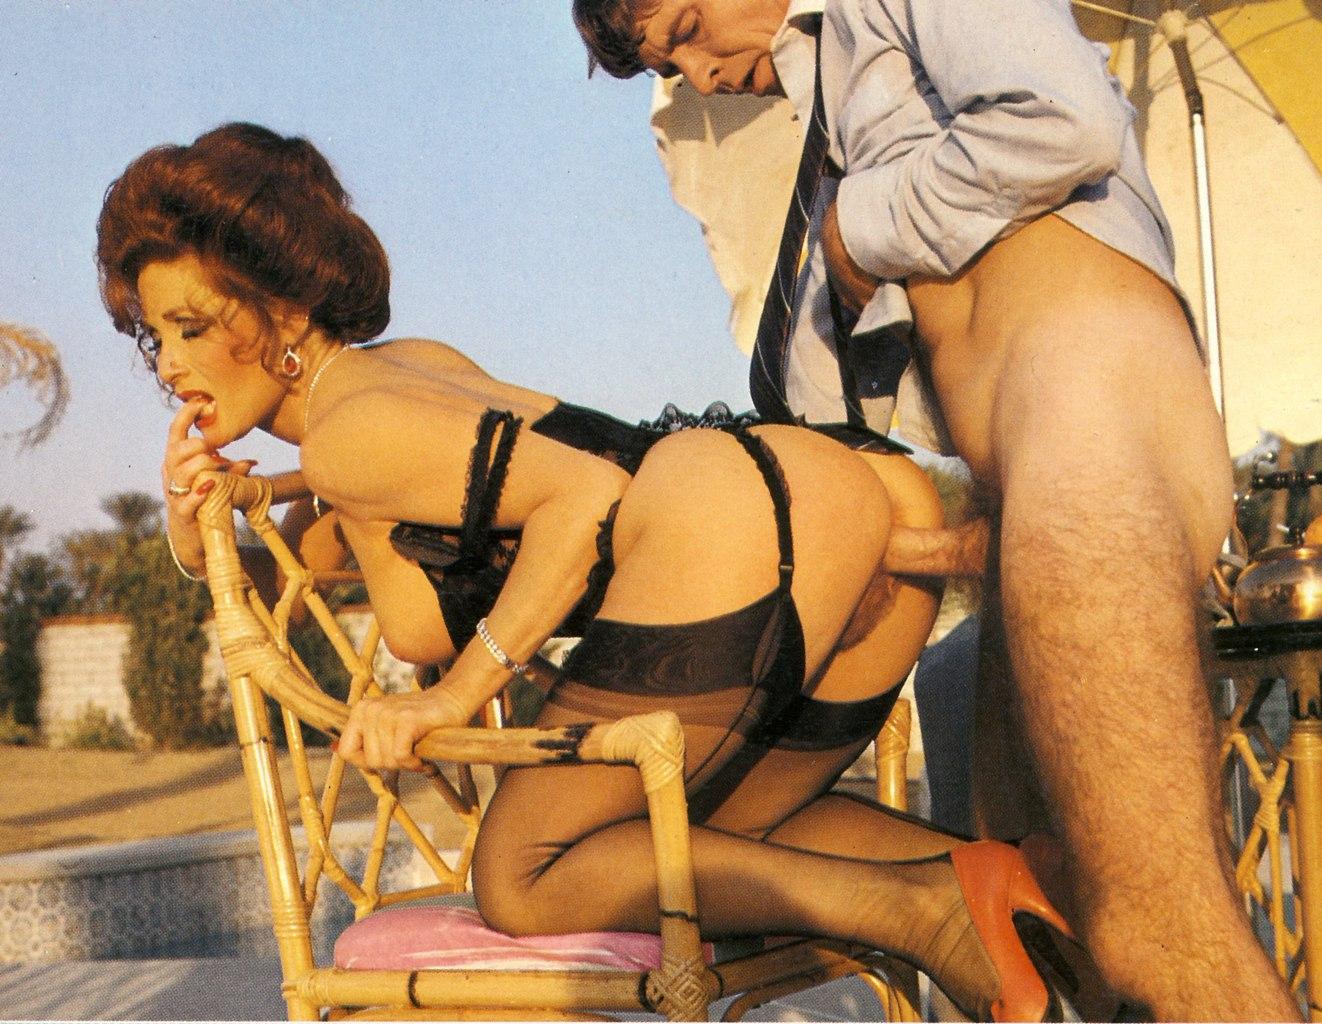 julia-cova-smotret-eroticheskoe-foto